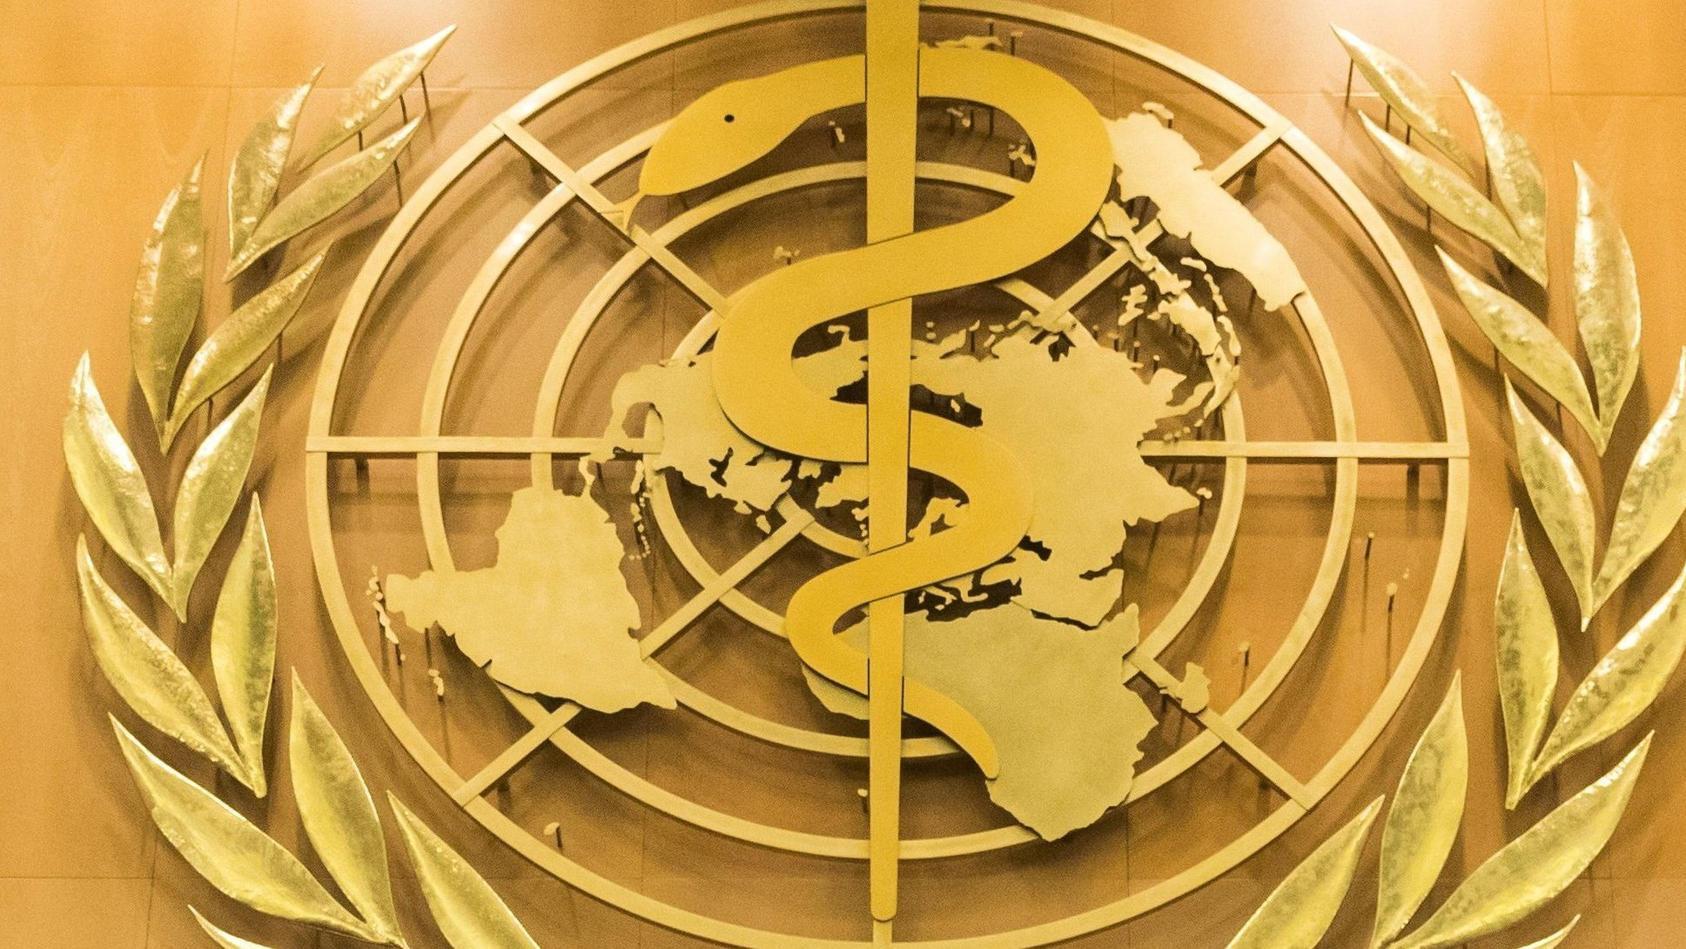 USA treten aus Weltgesundheitsorganisation aus